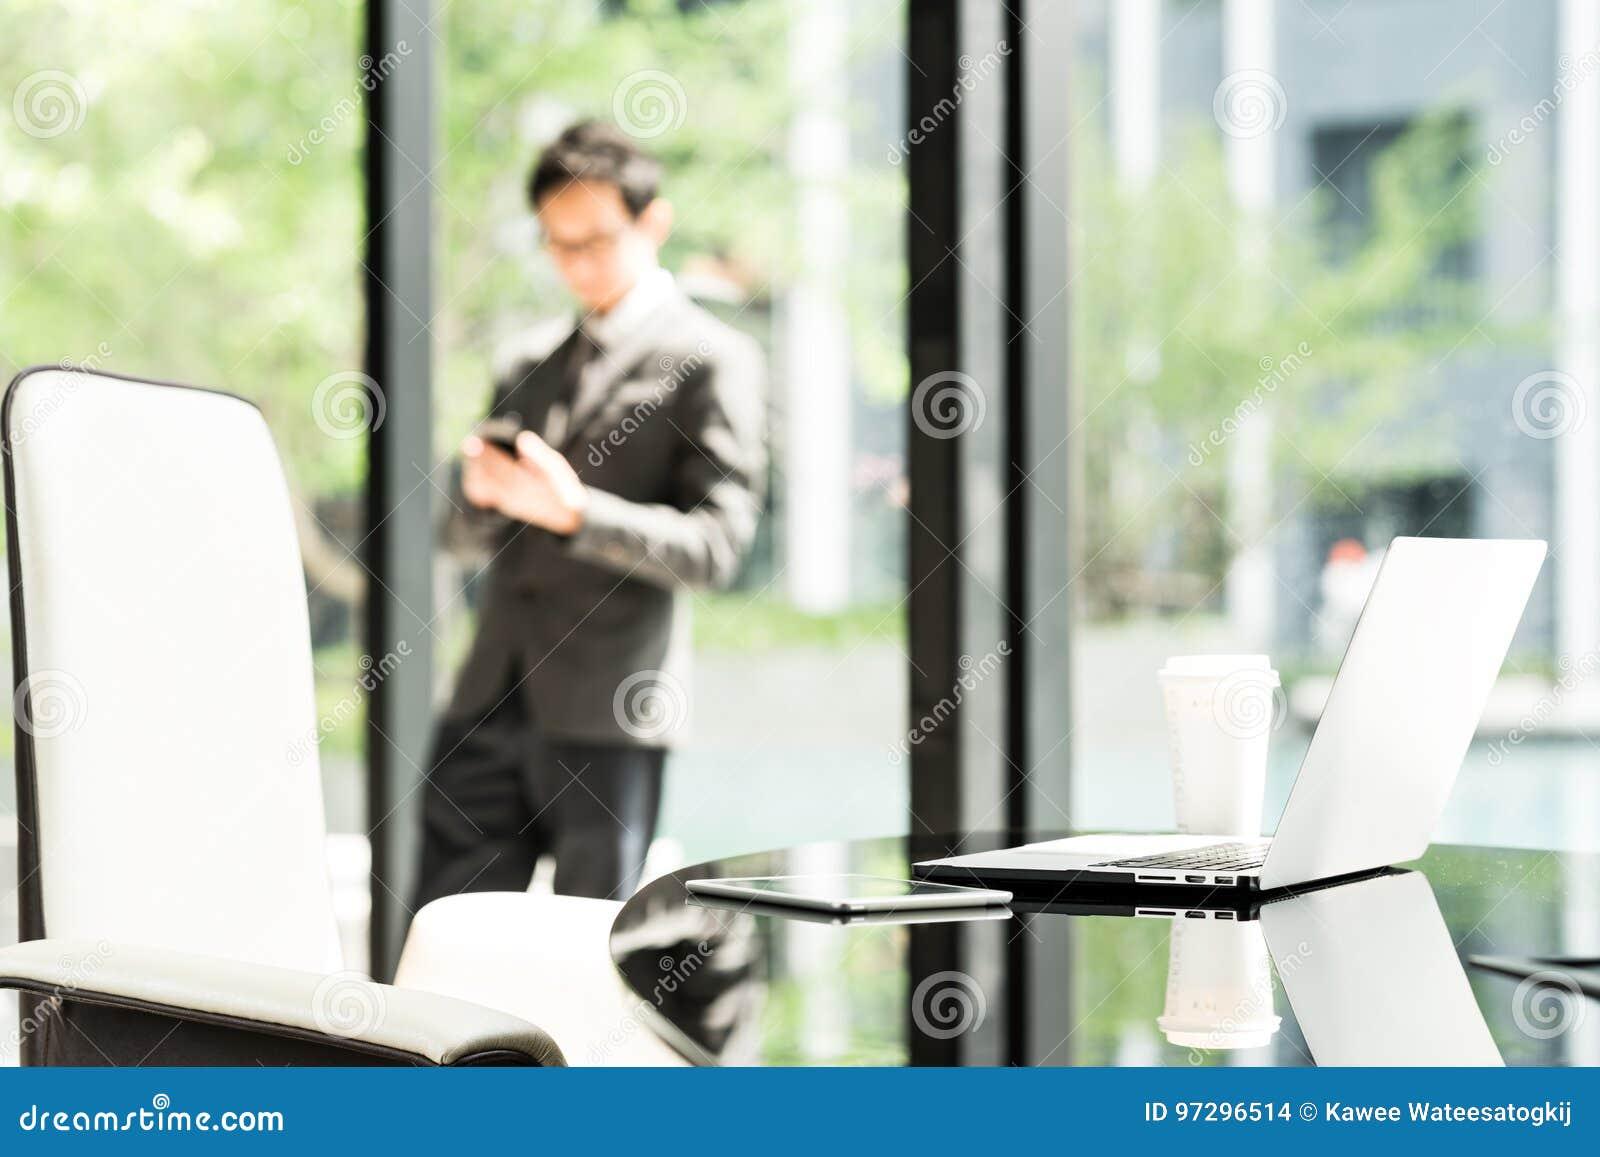 Laptop, tabuleta digital, e café na tabela do executivo ou do gerente no escritório moderno do homem de negócios ou do empresário